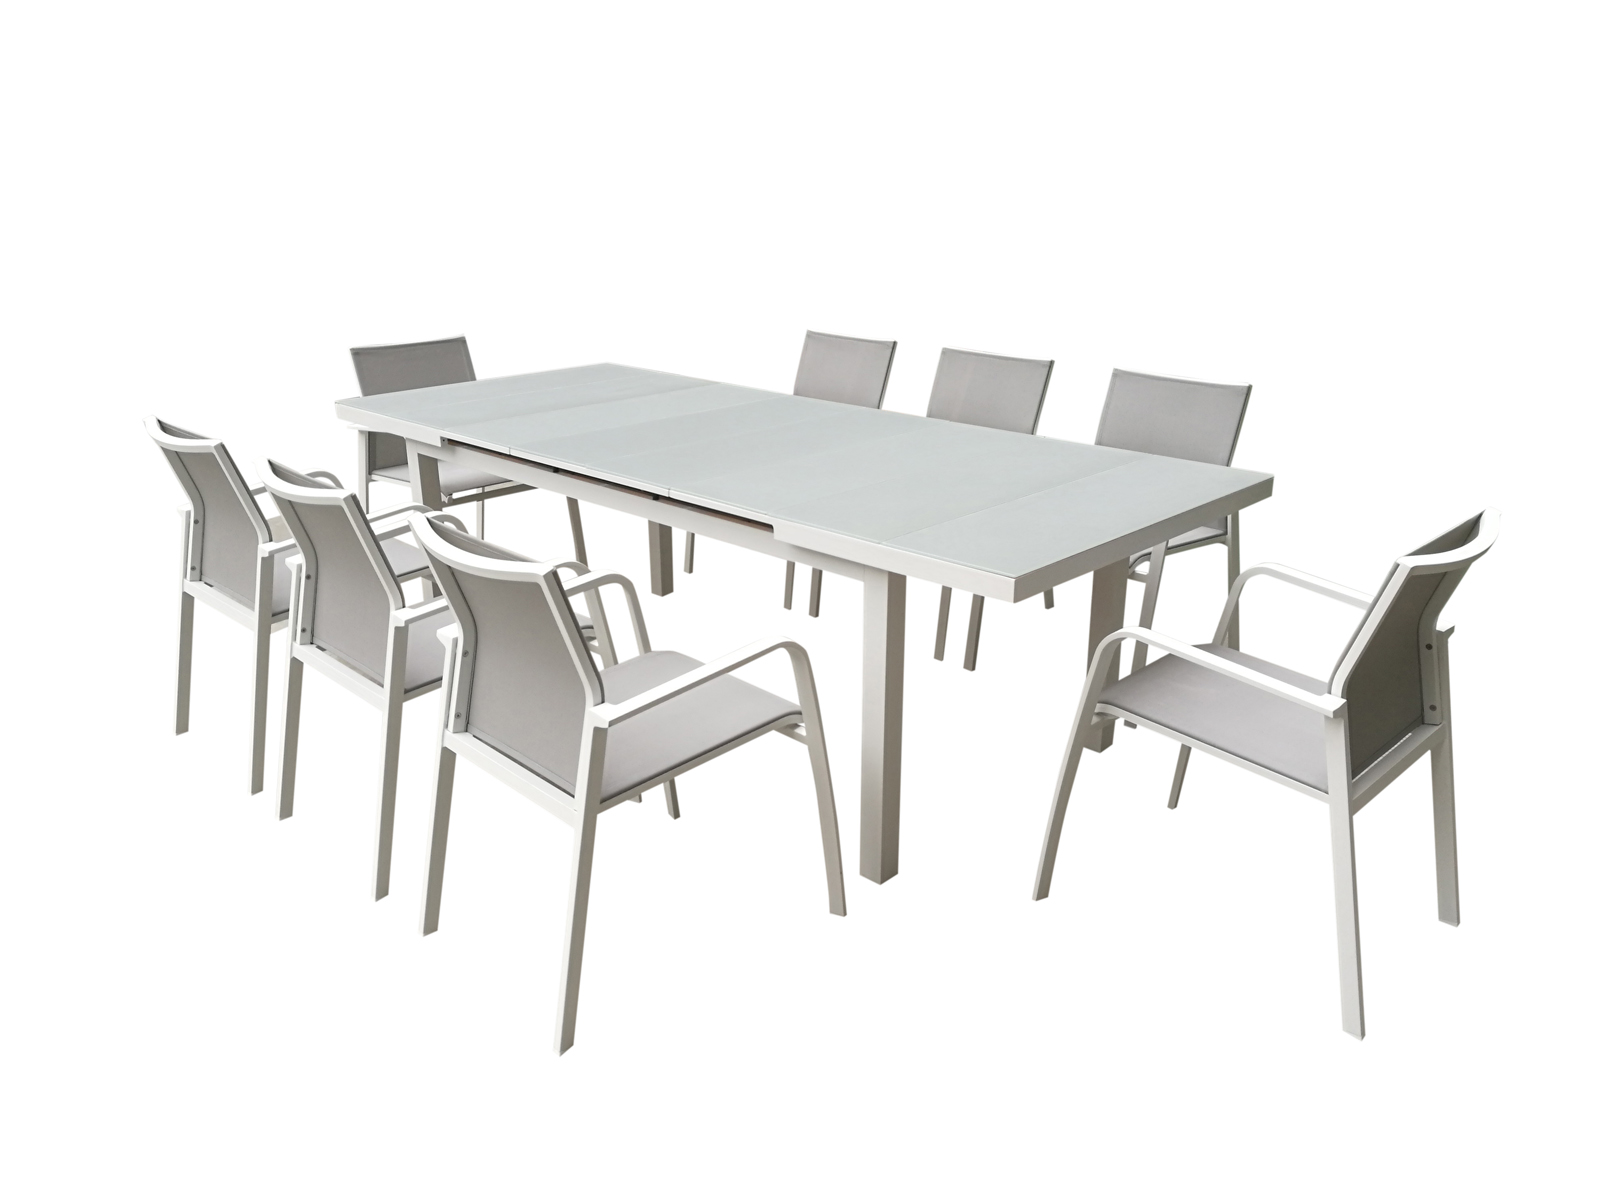 fauteuil de jardin nice en aluminium blanc gris et textilene couleur taupe